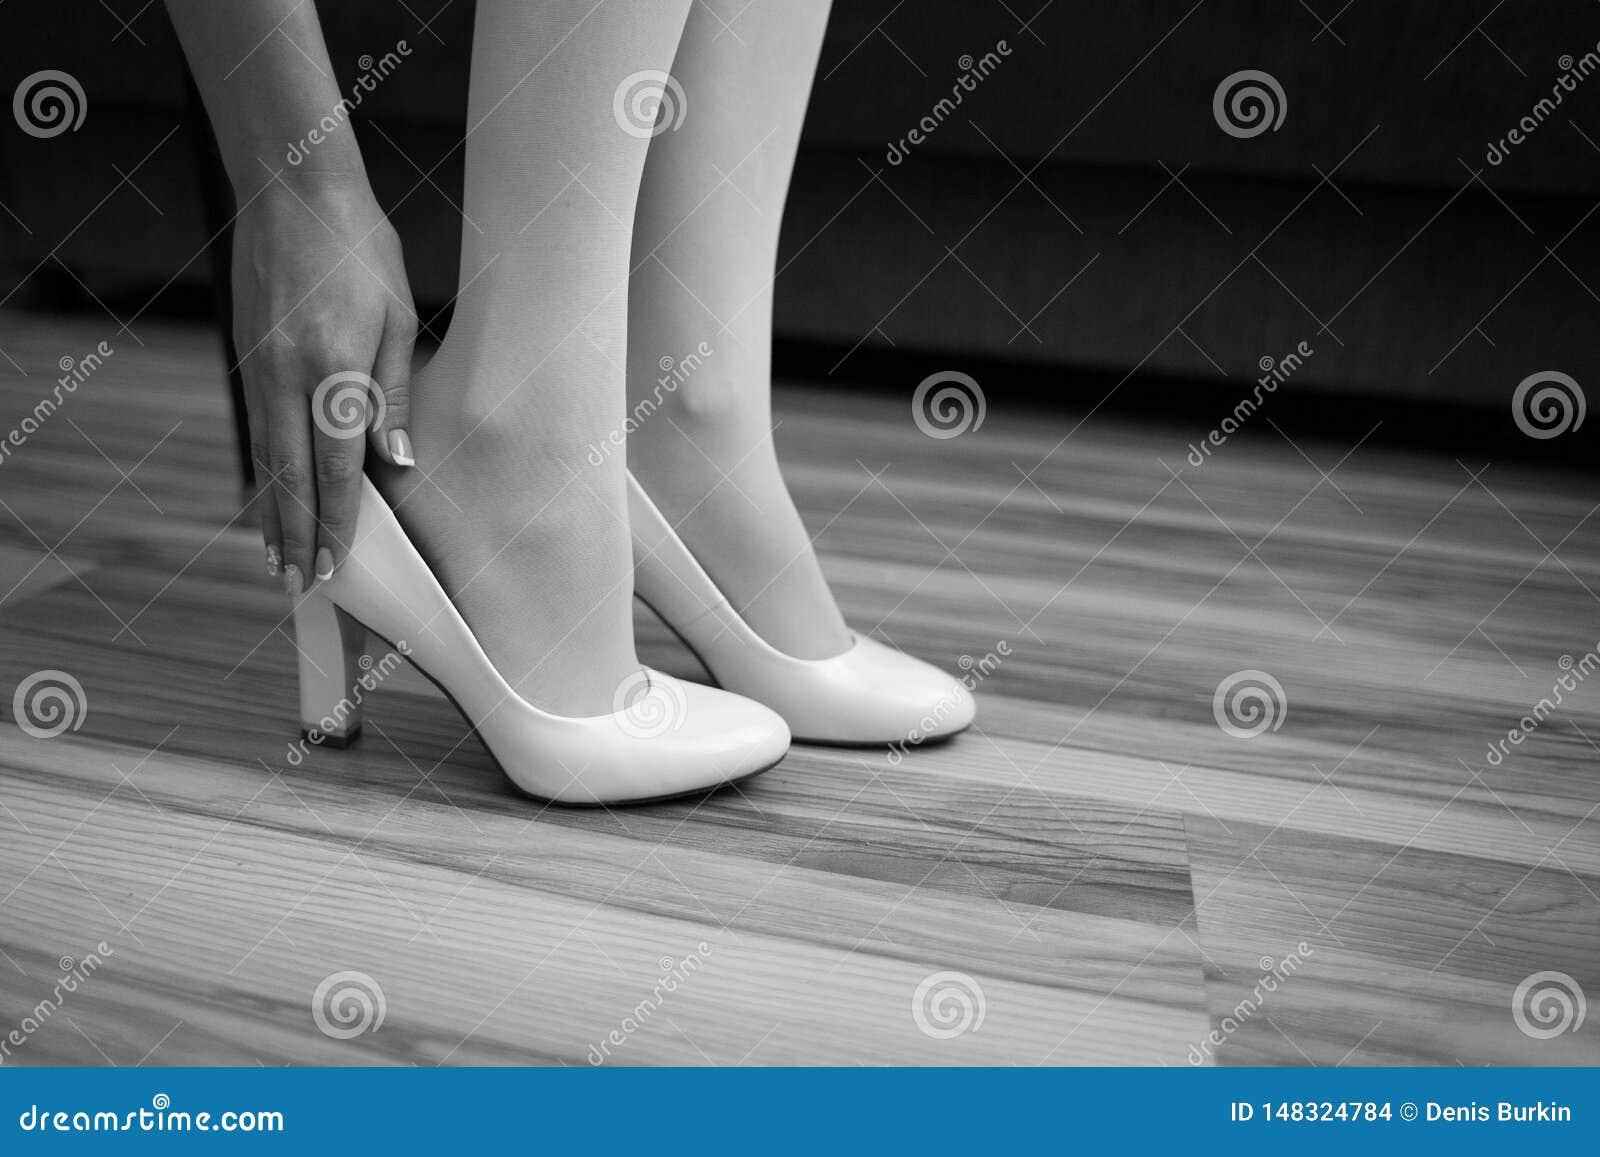 Το κορίτσι φορά ένα παπούτσι στο πόδι Η νύφη βάζει τα παπούτσια του το πρωί στο εσωτερικό